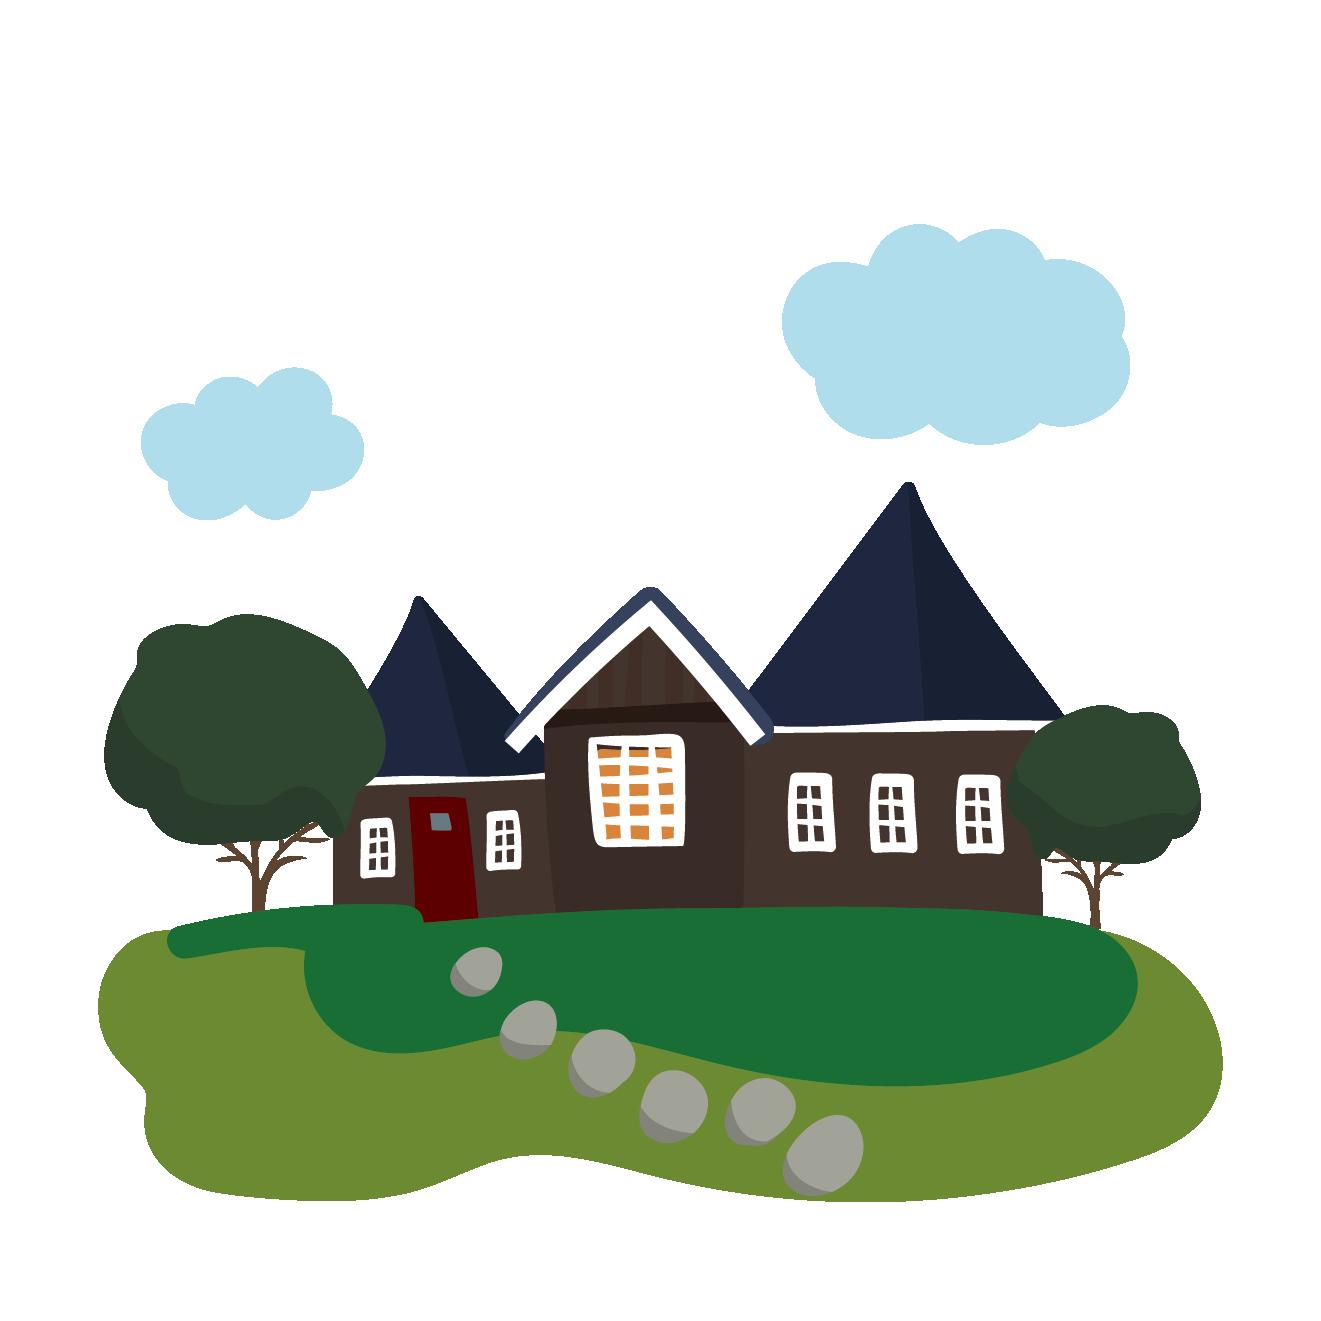 可愛らしい庭付き一軒家(家)のイラスト | 商用フリー(無料)の